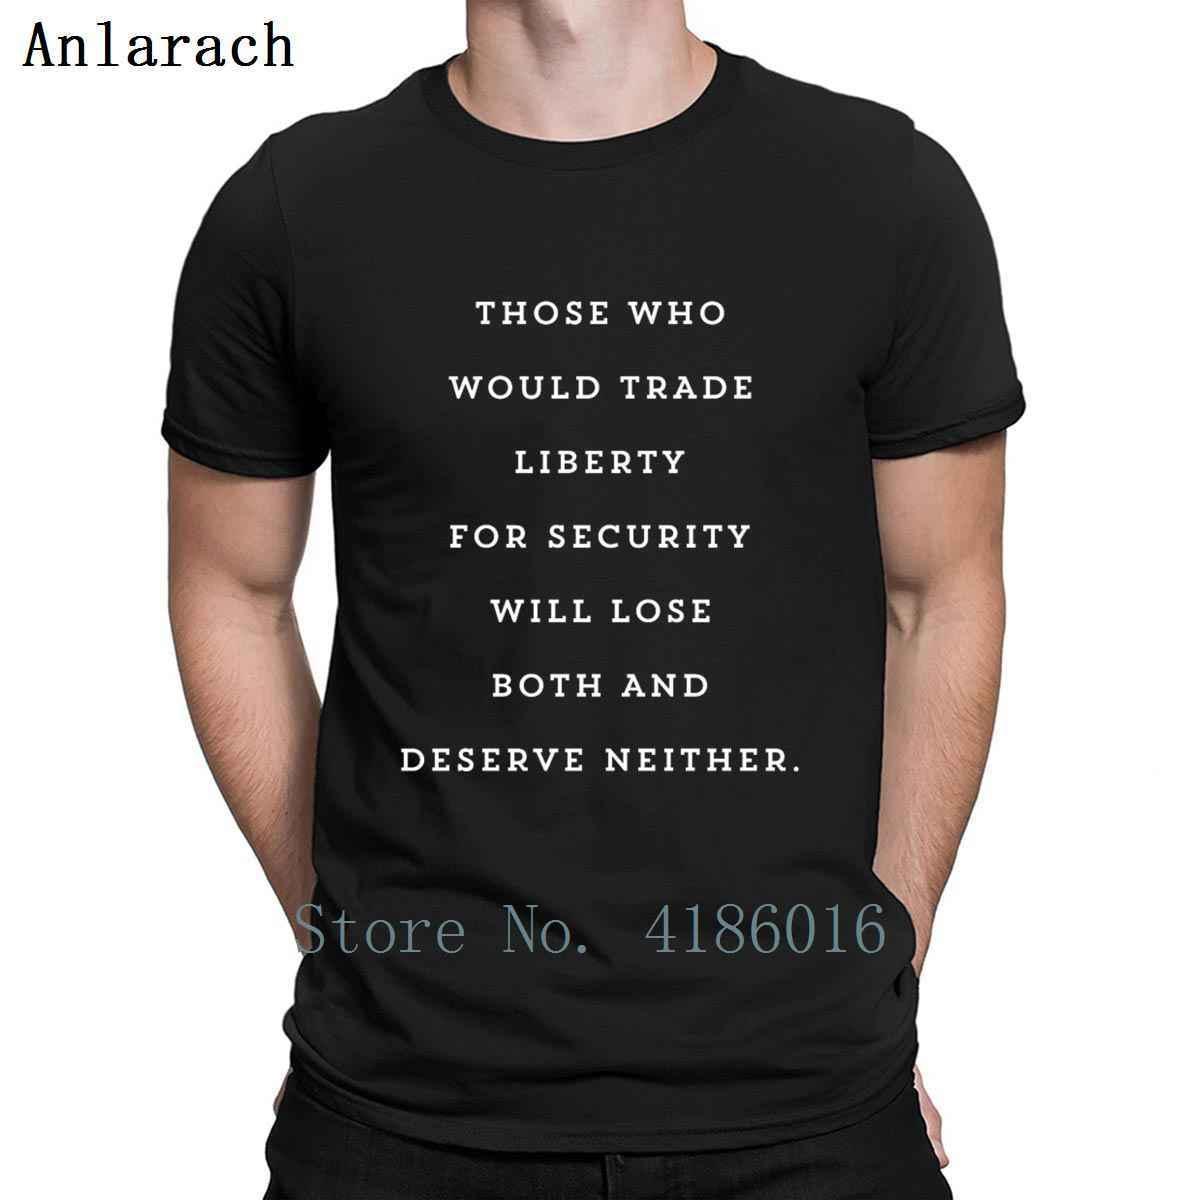 Yapma Ticaret Liberty İçin Güvenlik Özgürlükçü Tişörtlü Kısa Kollu Resimleri Yuvarlak Yaka Tasarımcı Komik Casual Slim Fit Gömlek